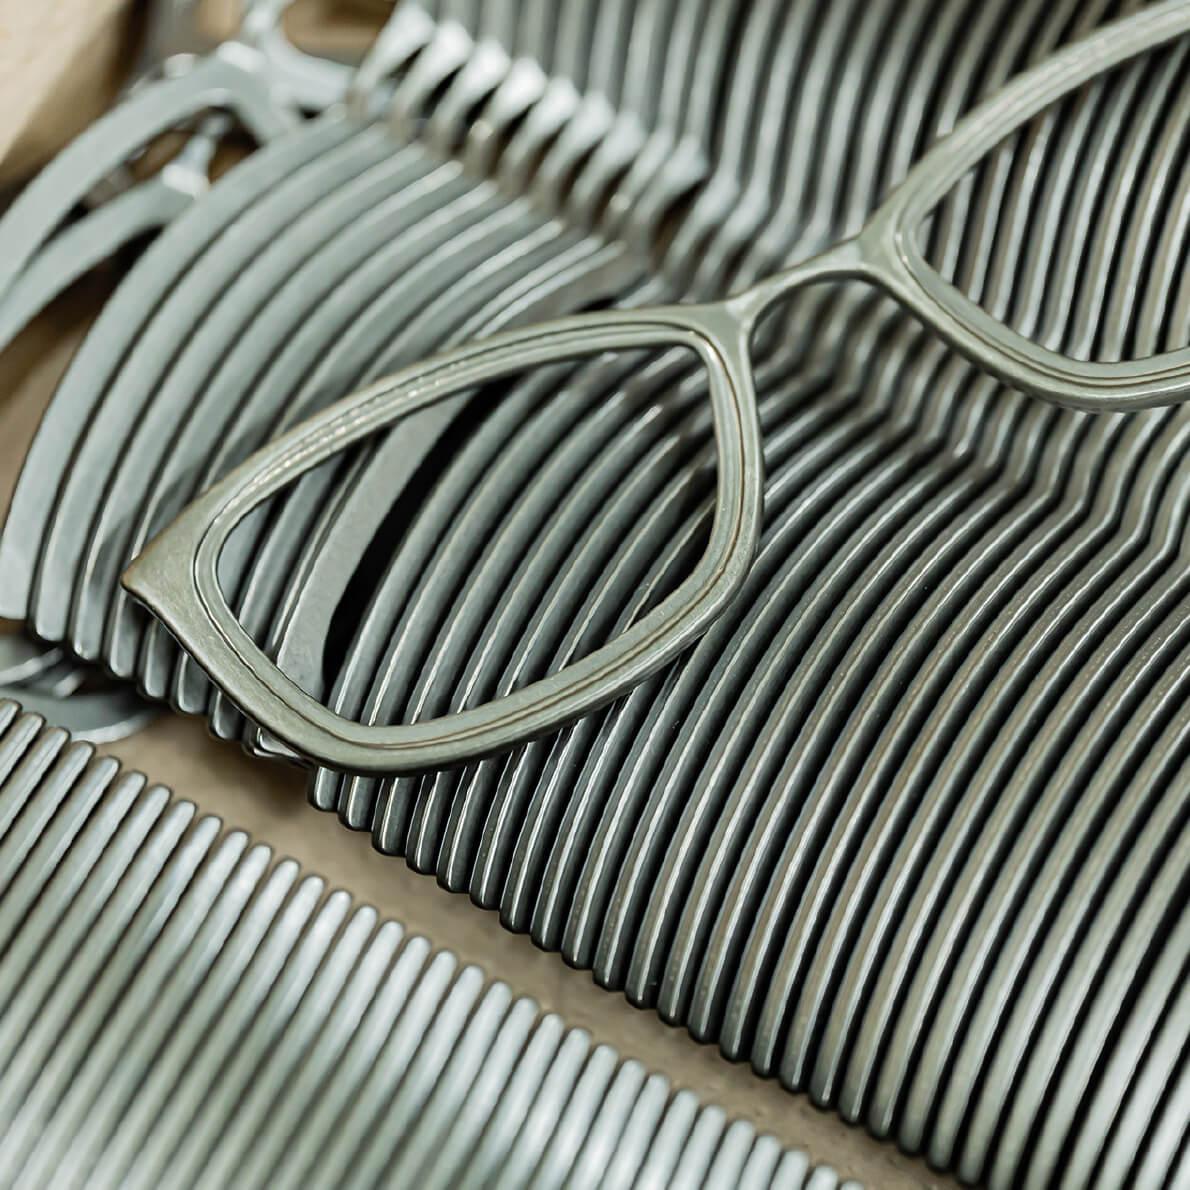 鯖江のメガネ作りの基本は手仕事にあります。